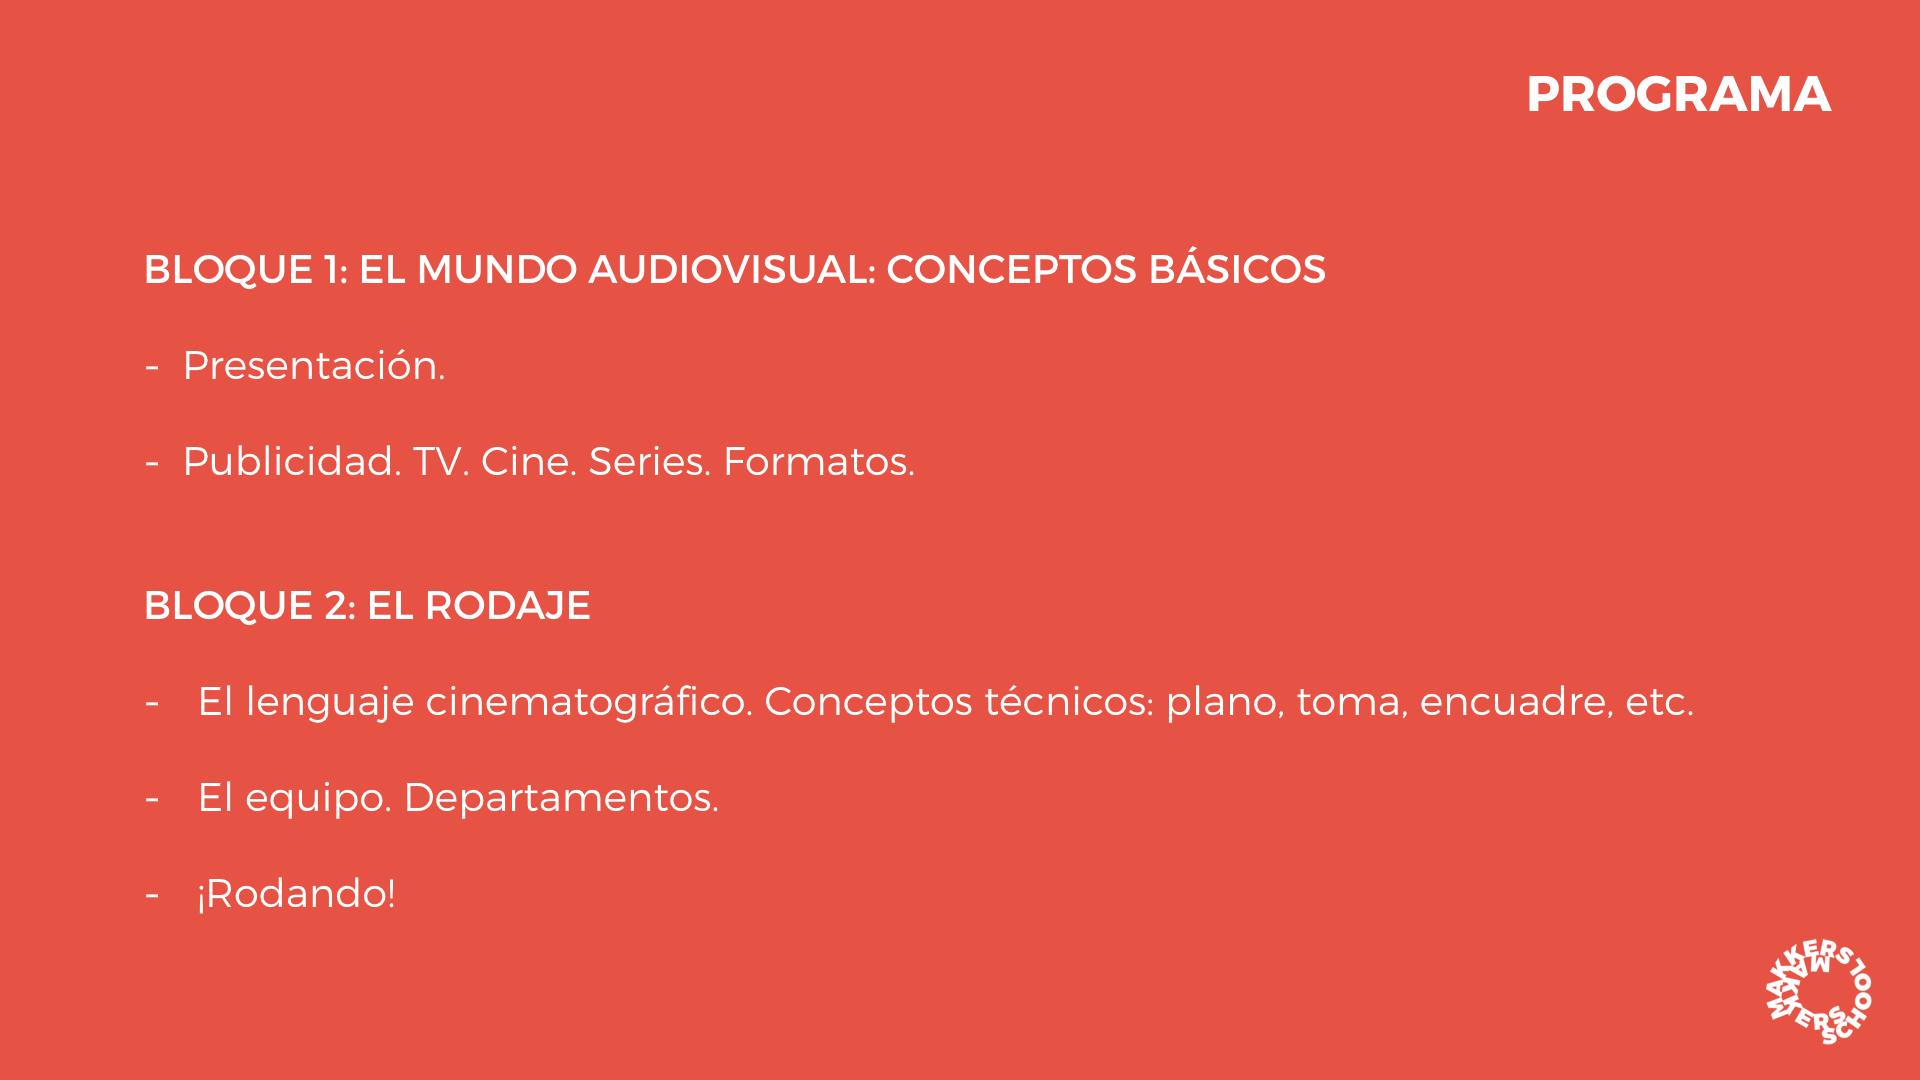 Workshop Inglés Audiovisual - Programa v1.005.jpeg